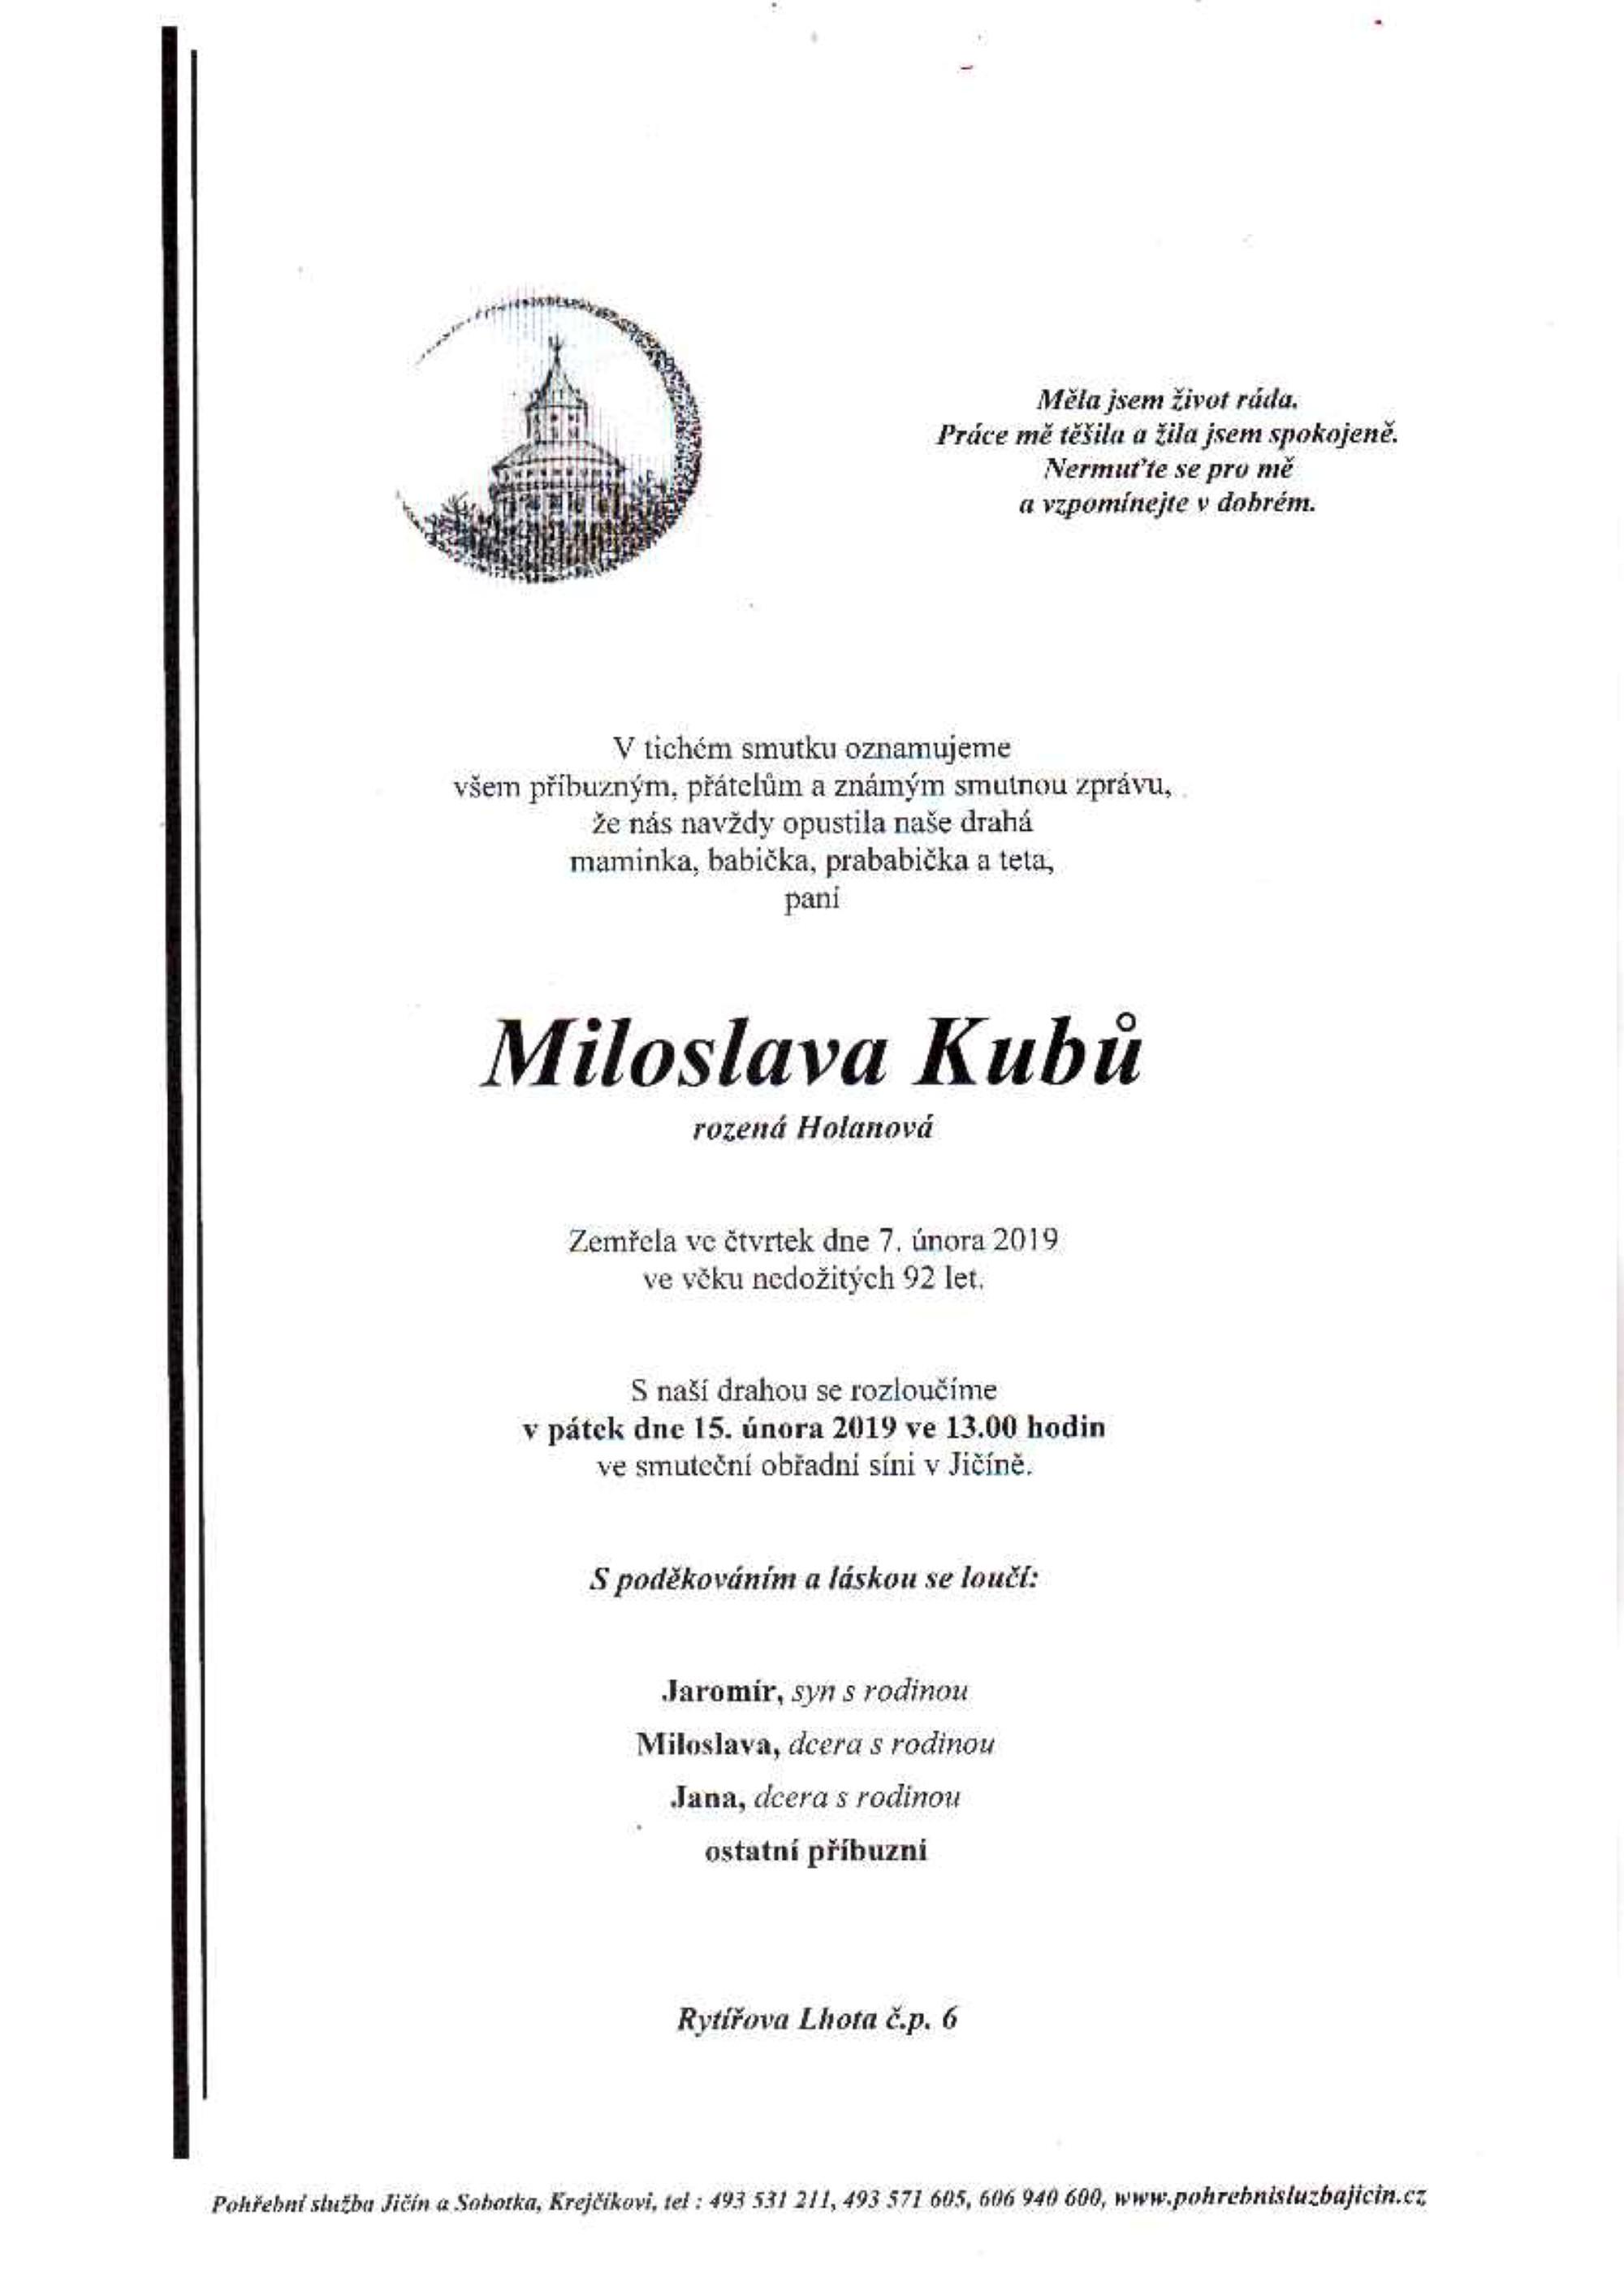 Miloslava Kubů